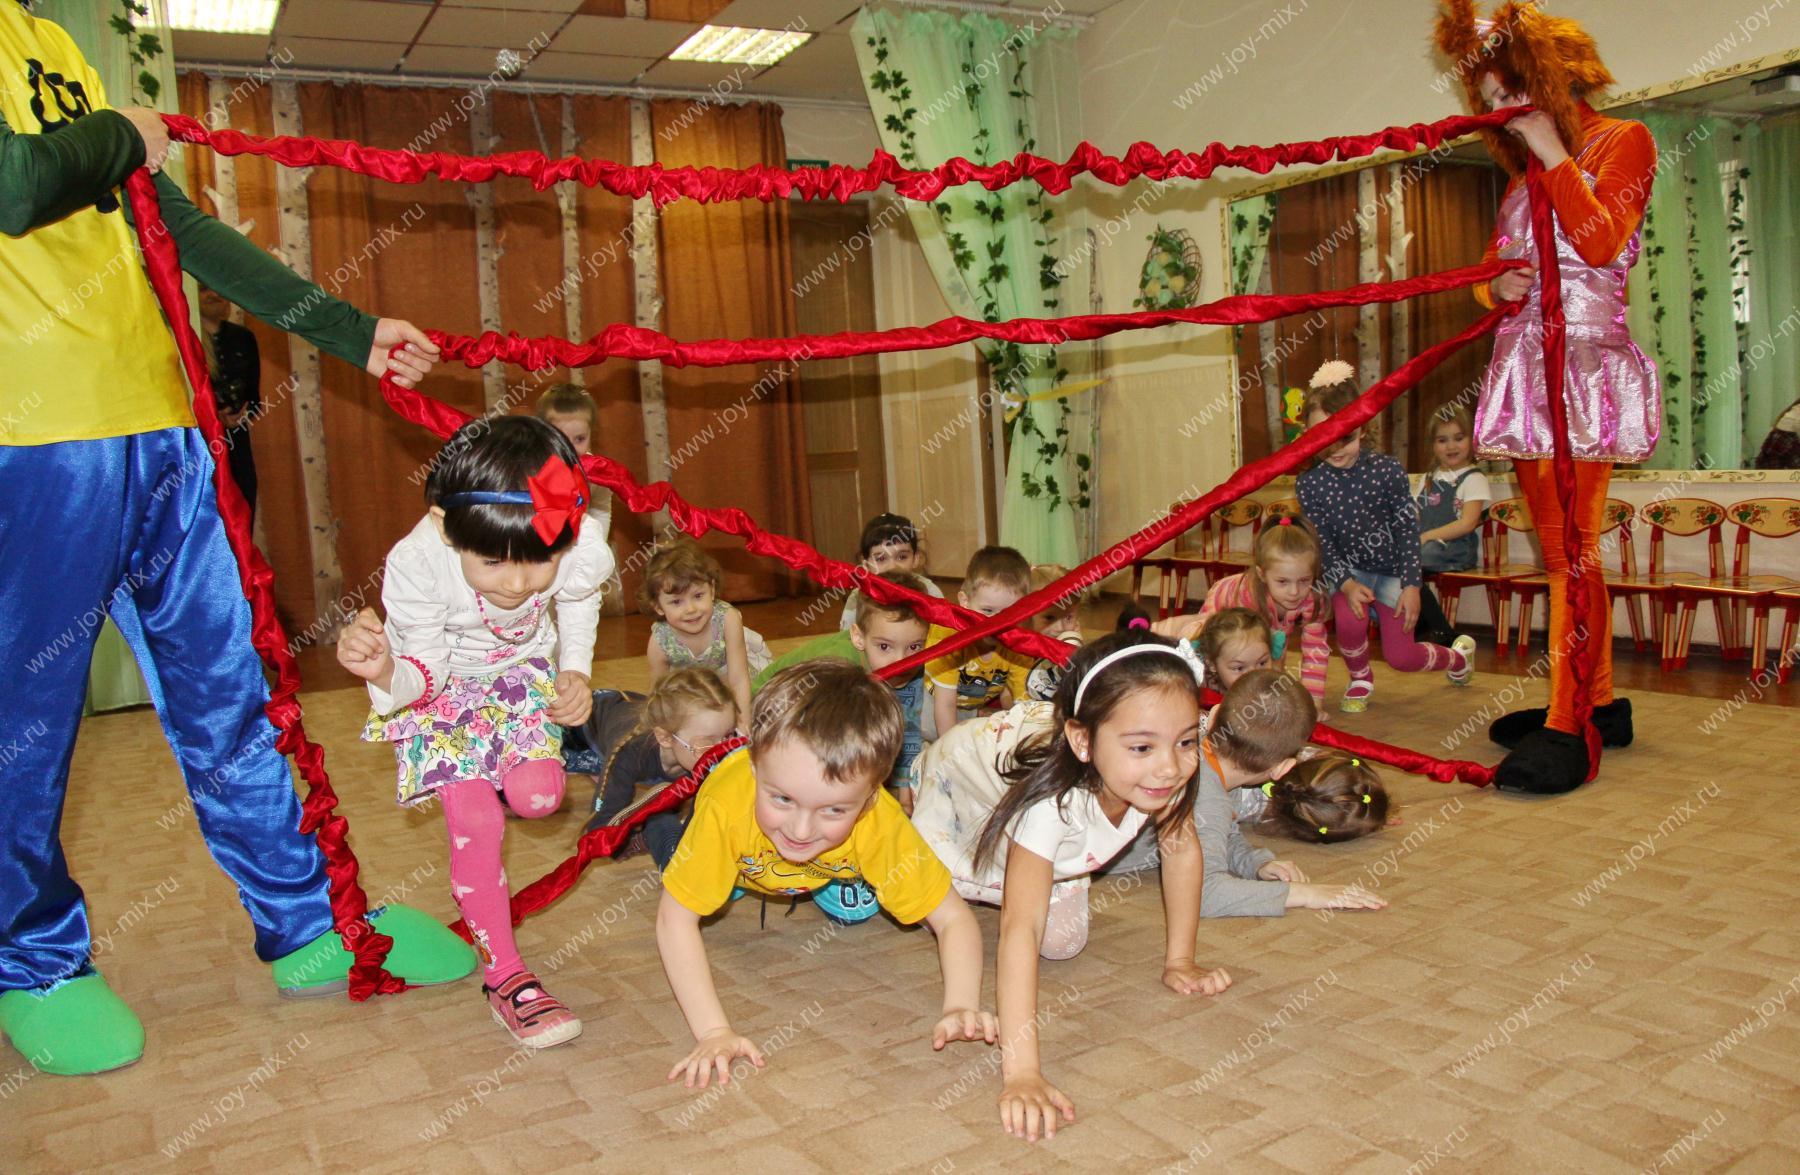 Конкурс для детей танцевальный на день рождения